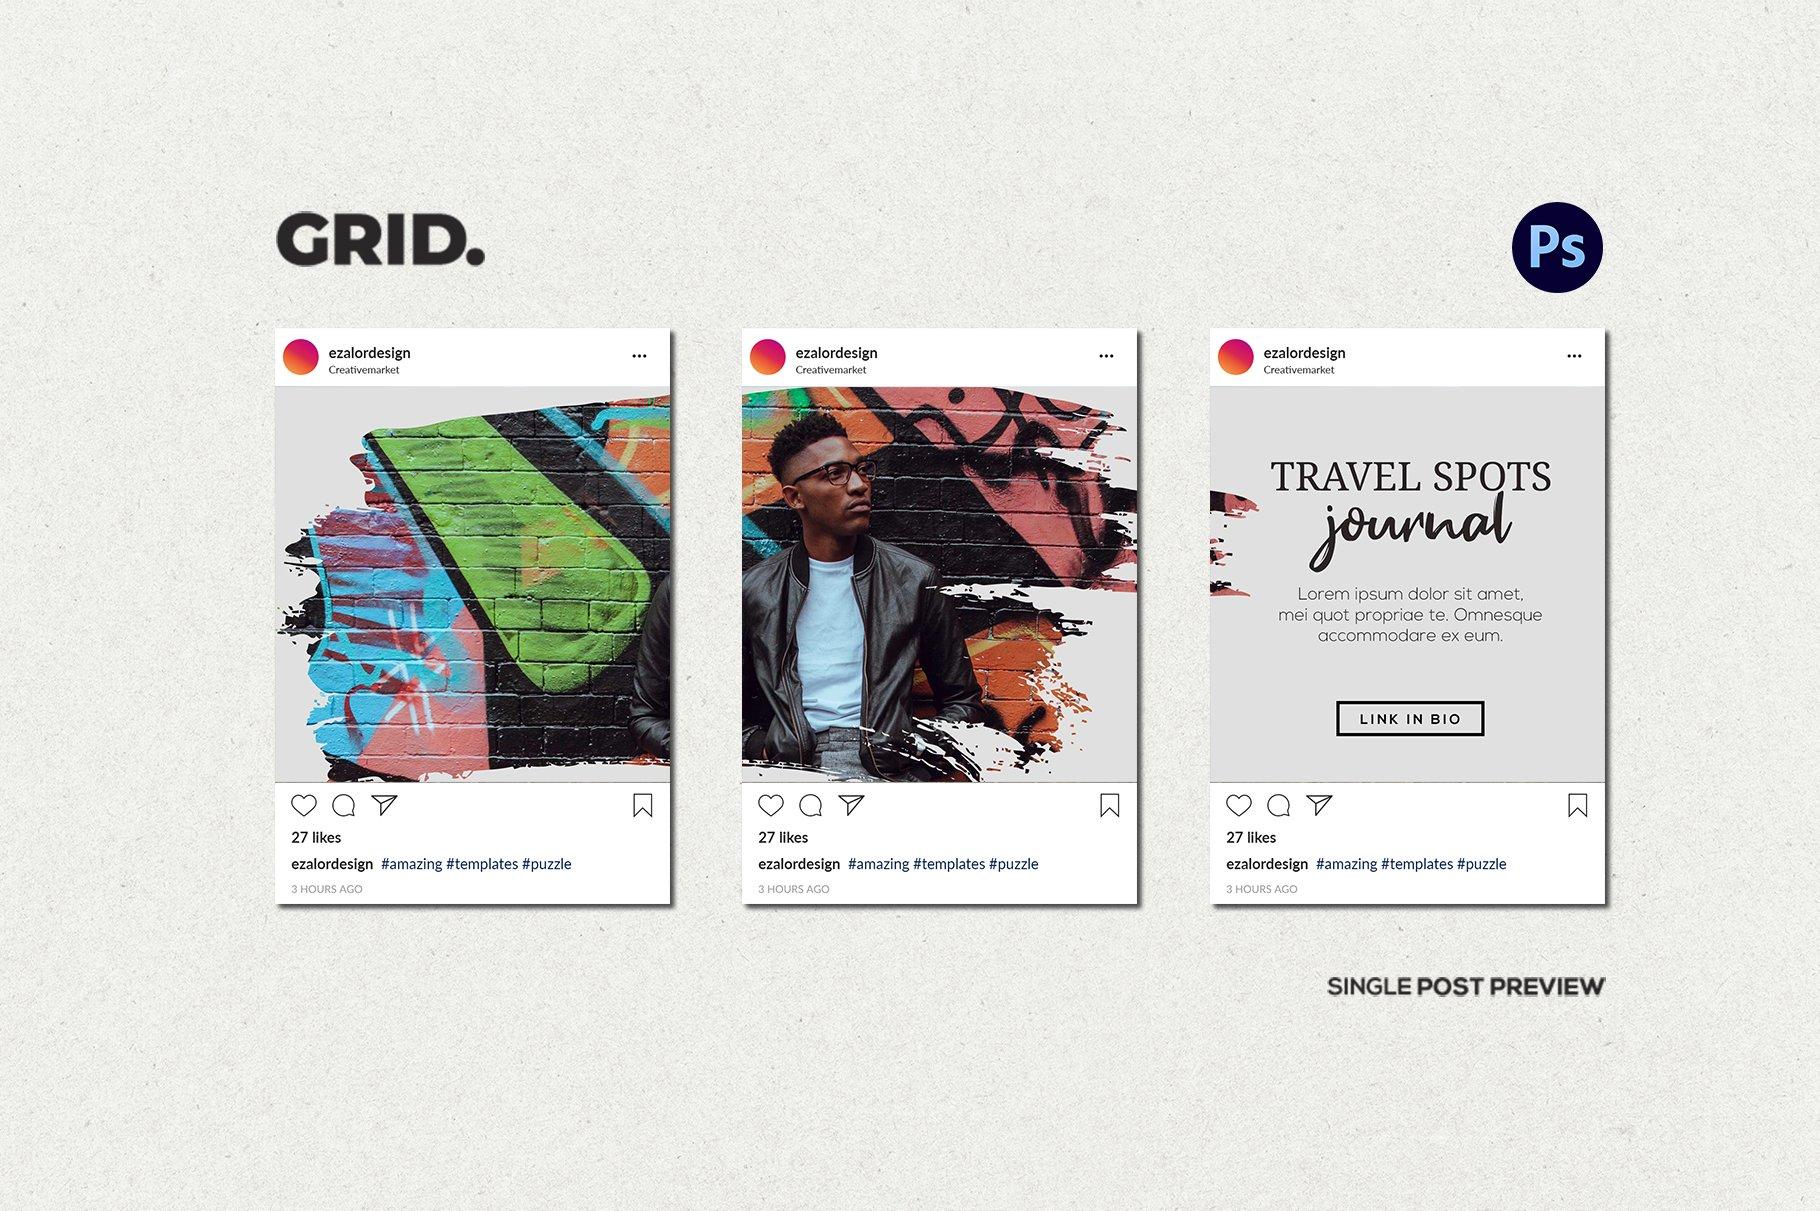 毛笔笔刷效果新媒体电商海报设计PSD模板 Agenda Insta Grid (Triple Posts)插图(4)